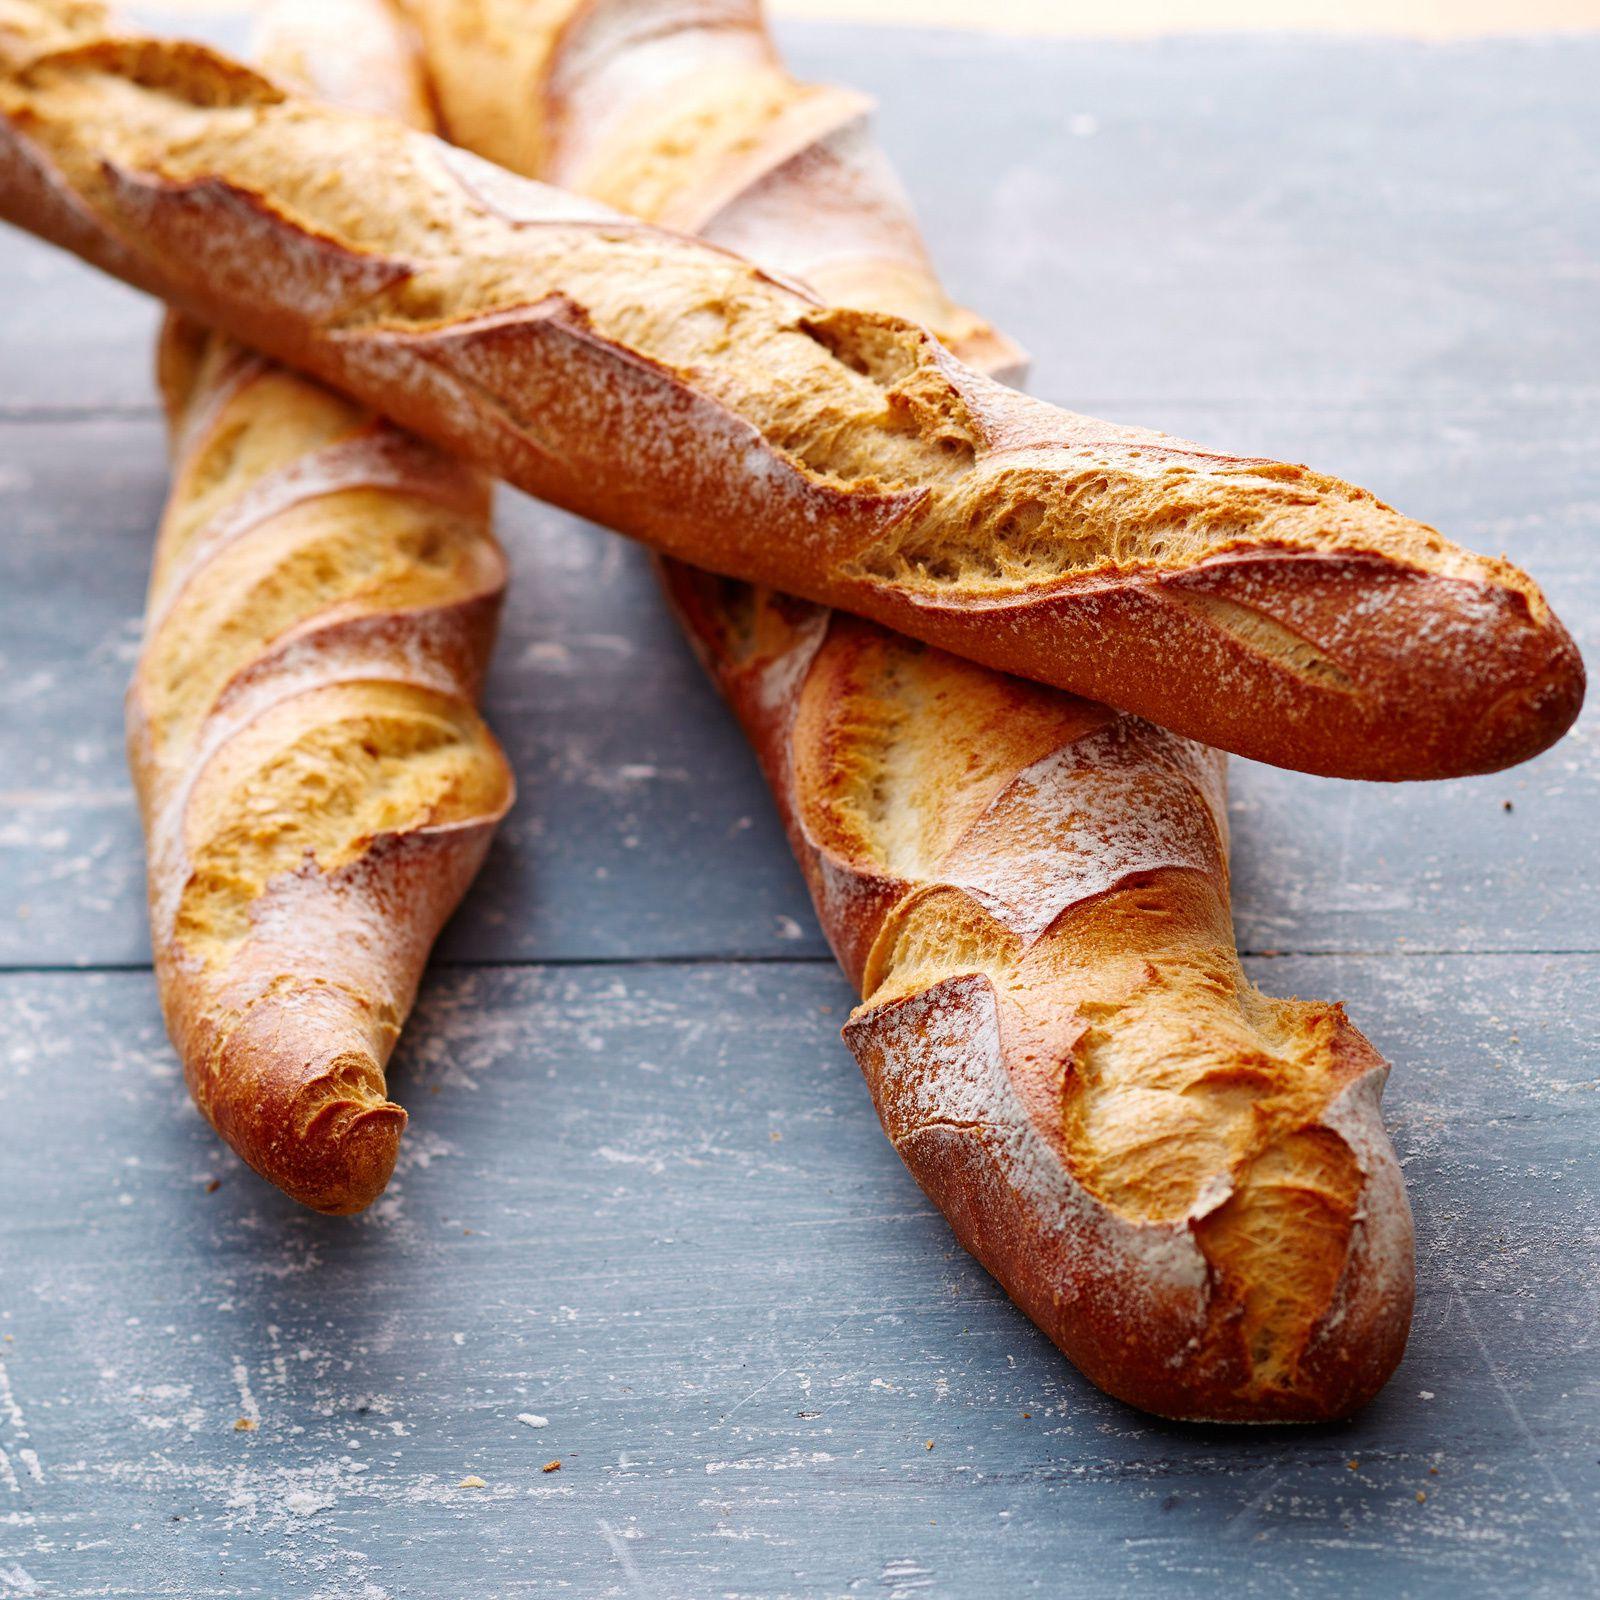 Source: cuisineactuelle.fr